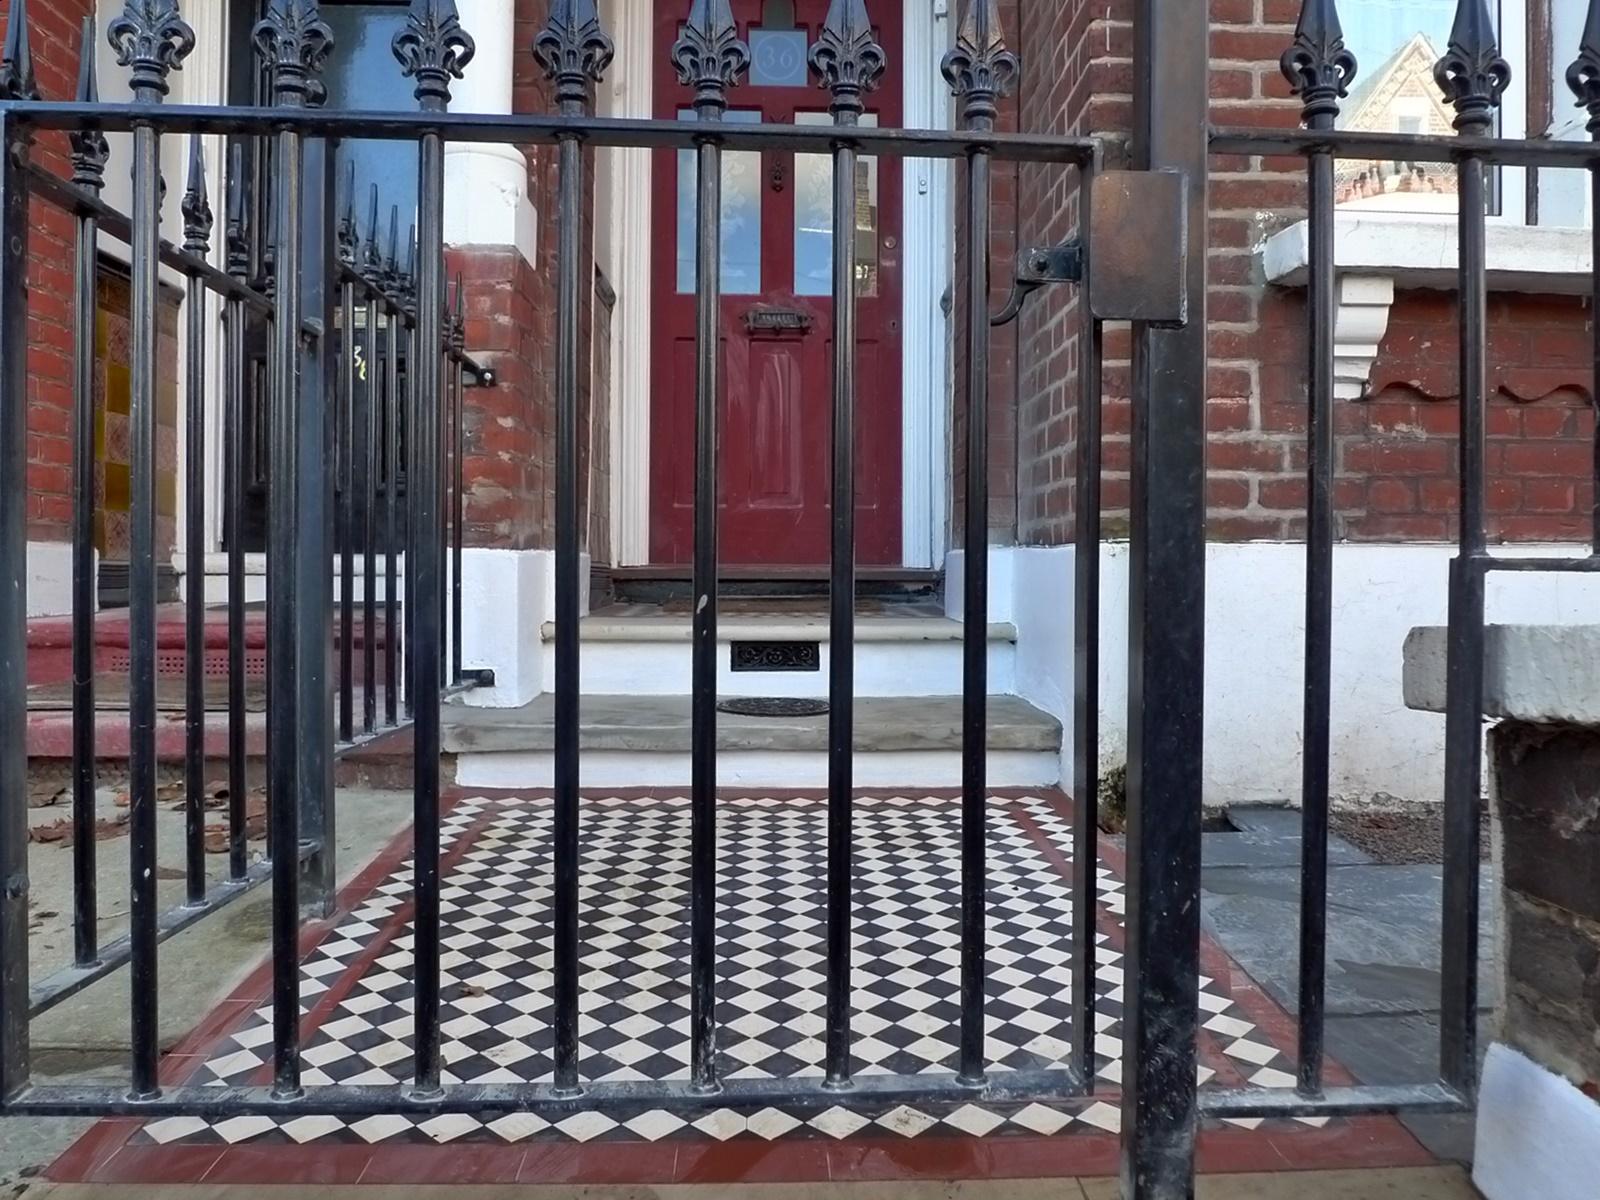 Streatham Brixton Front garden Victorian mosaic London Balham Battersea Wandsworth Clapham